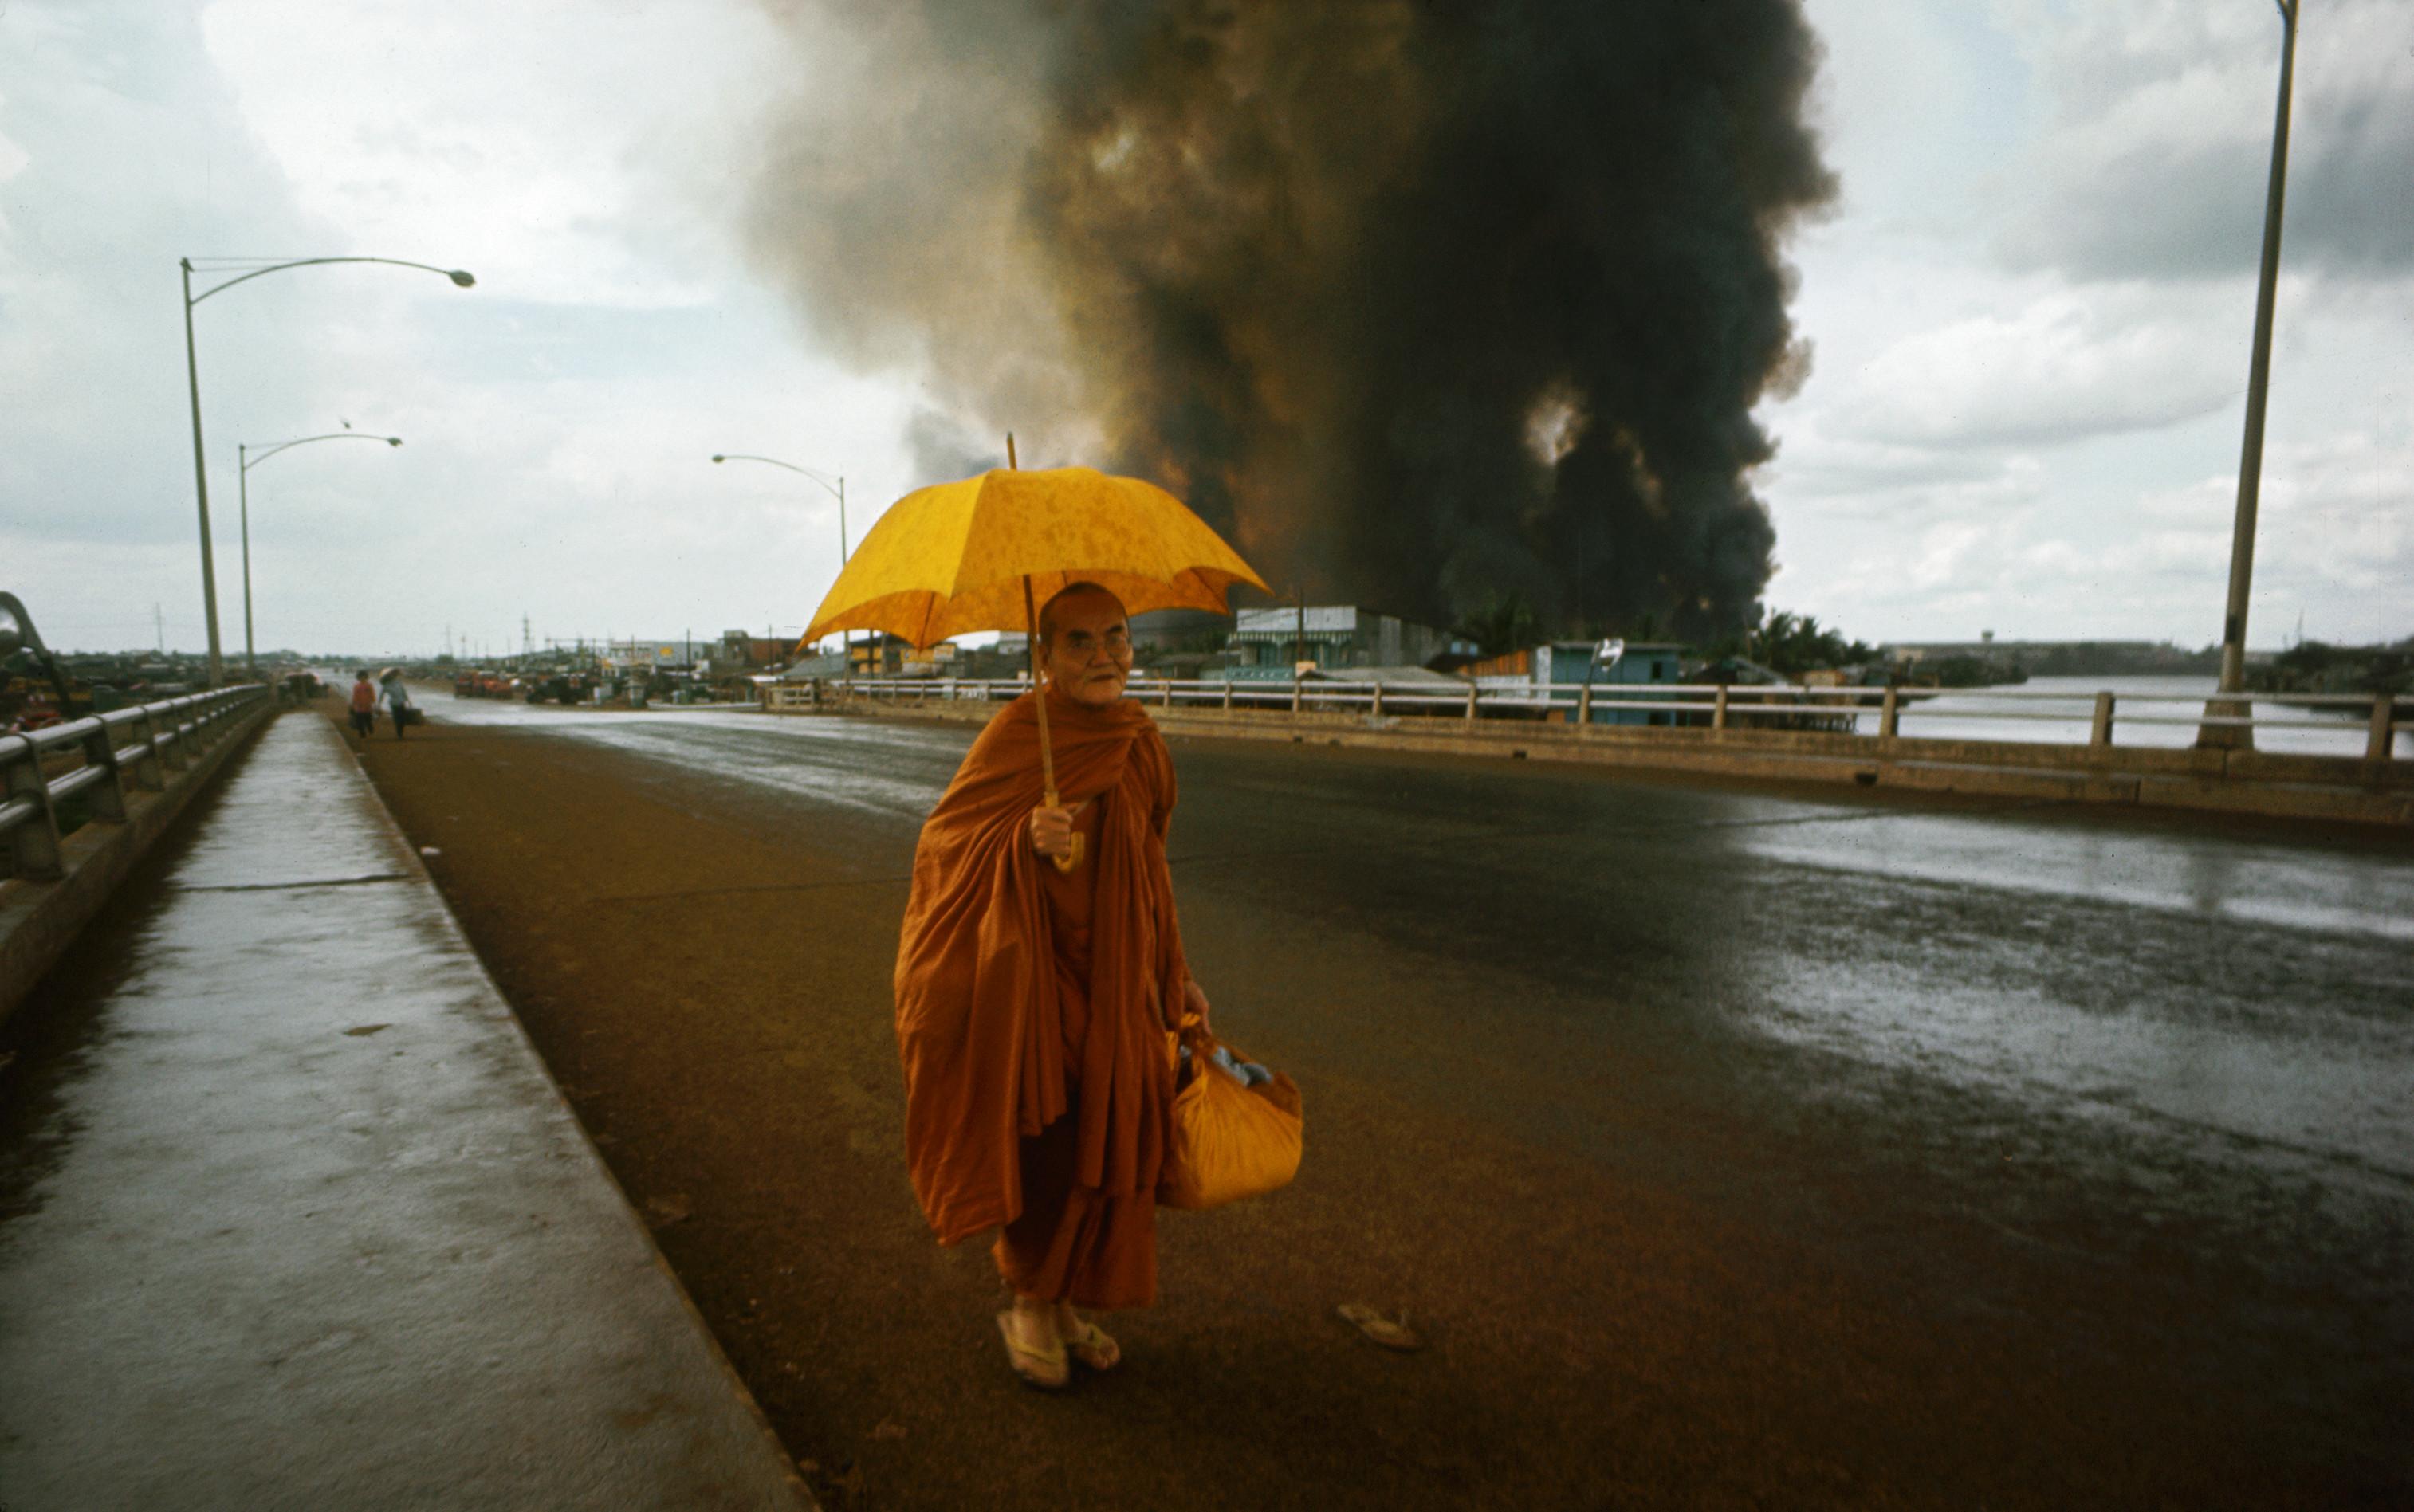 Buddhista szerzetes kel át Saigon egyik hídján